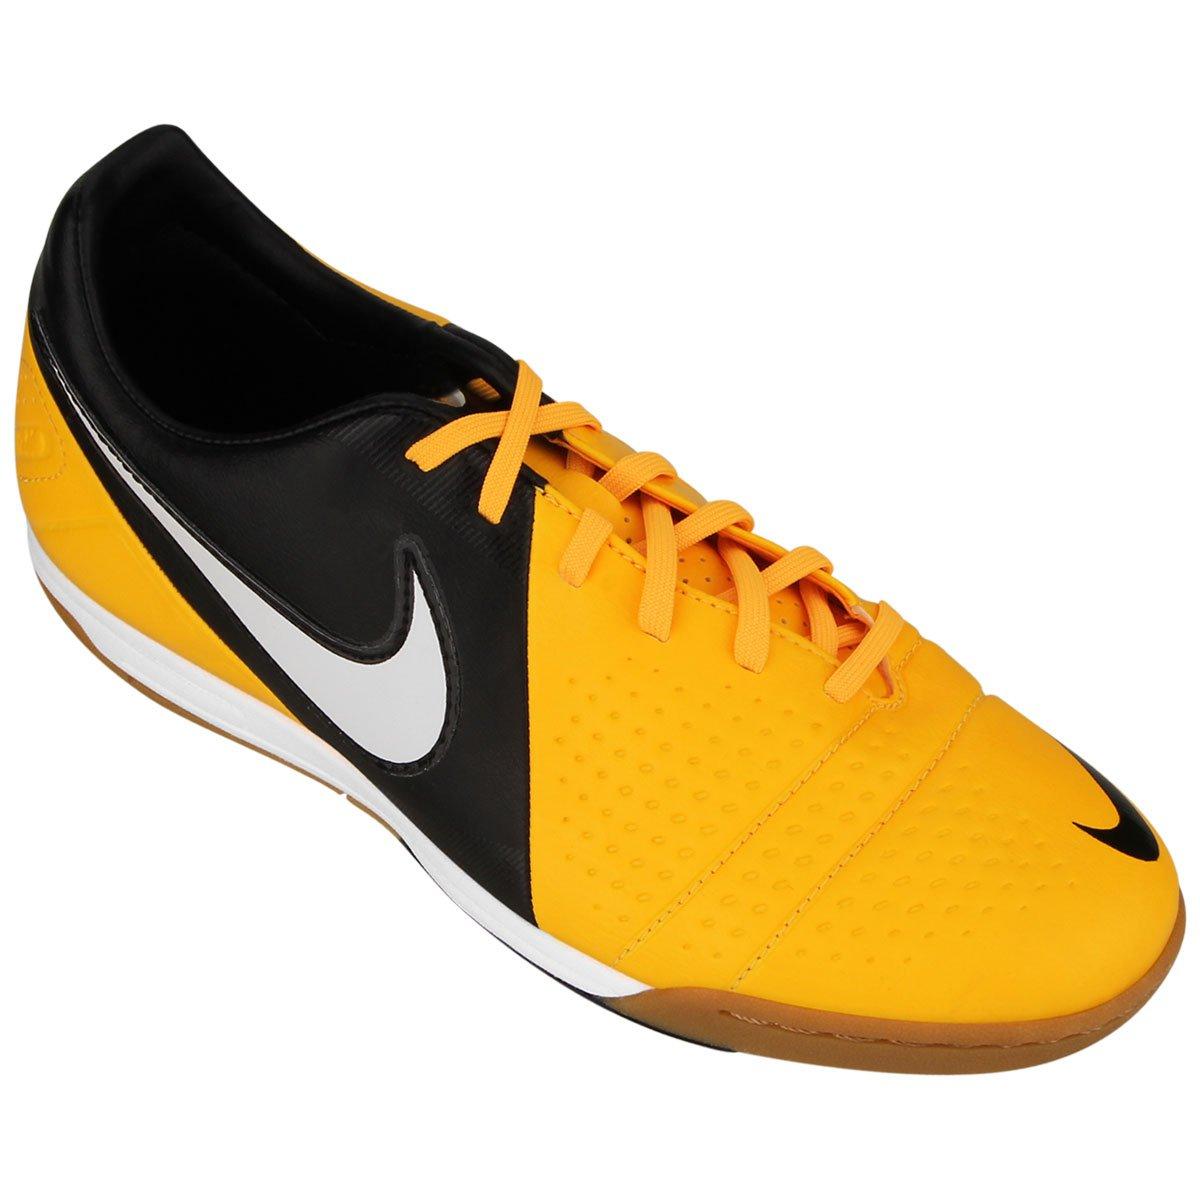 ecf311185fdd5 Chuteira Nike CTR360 Libretto 3 IC - Compre Agora